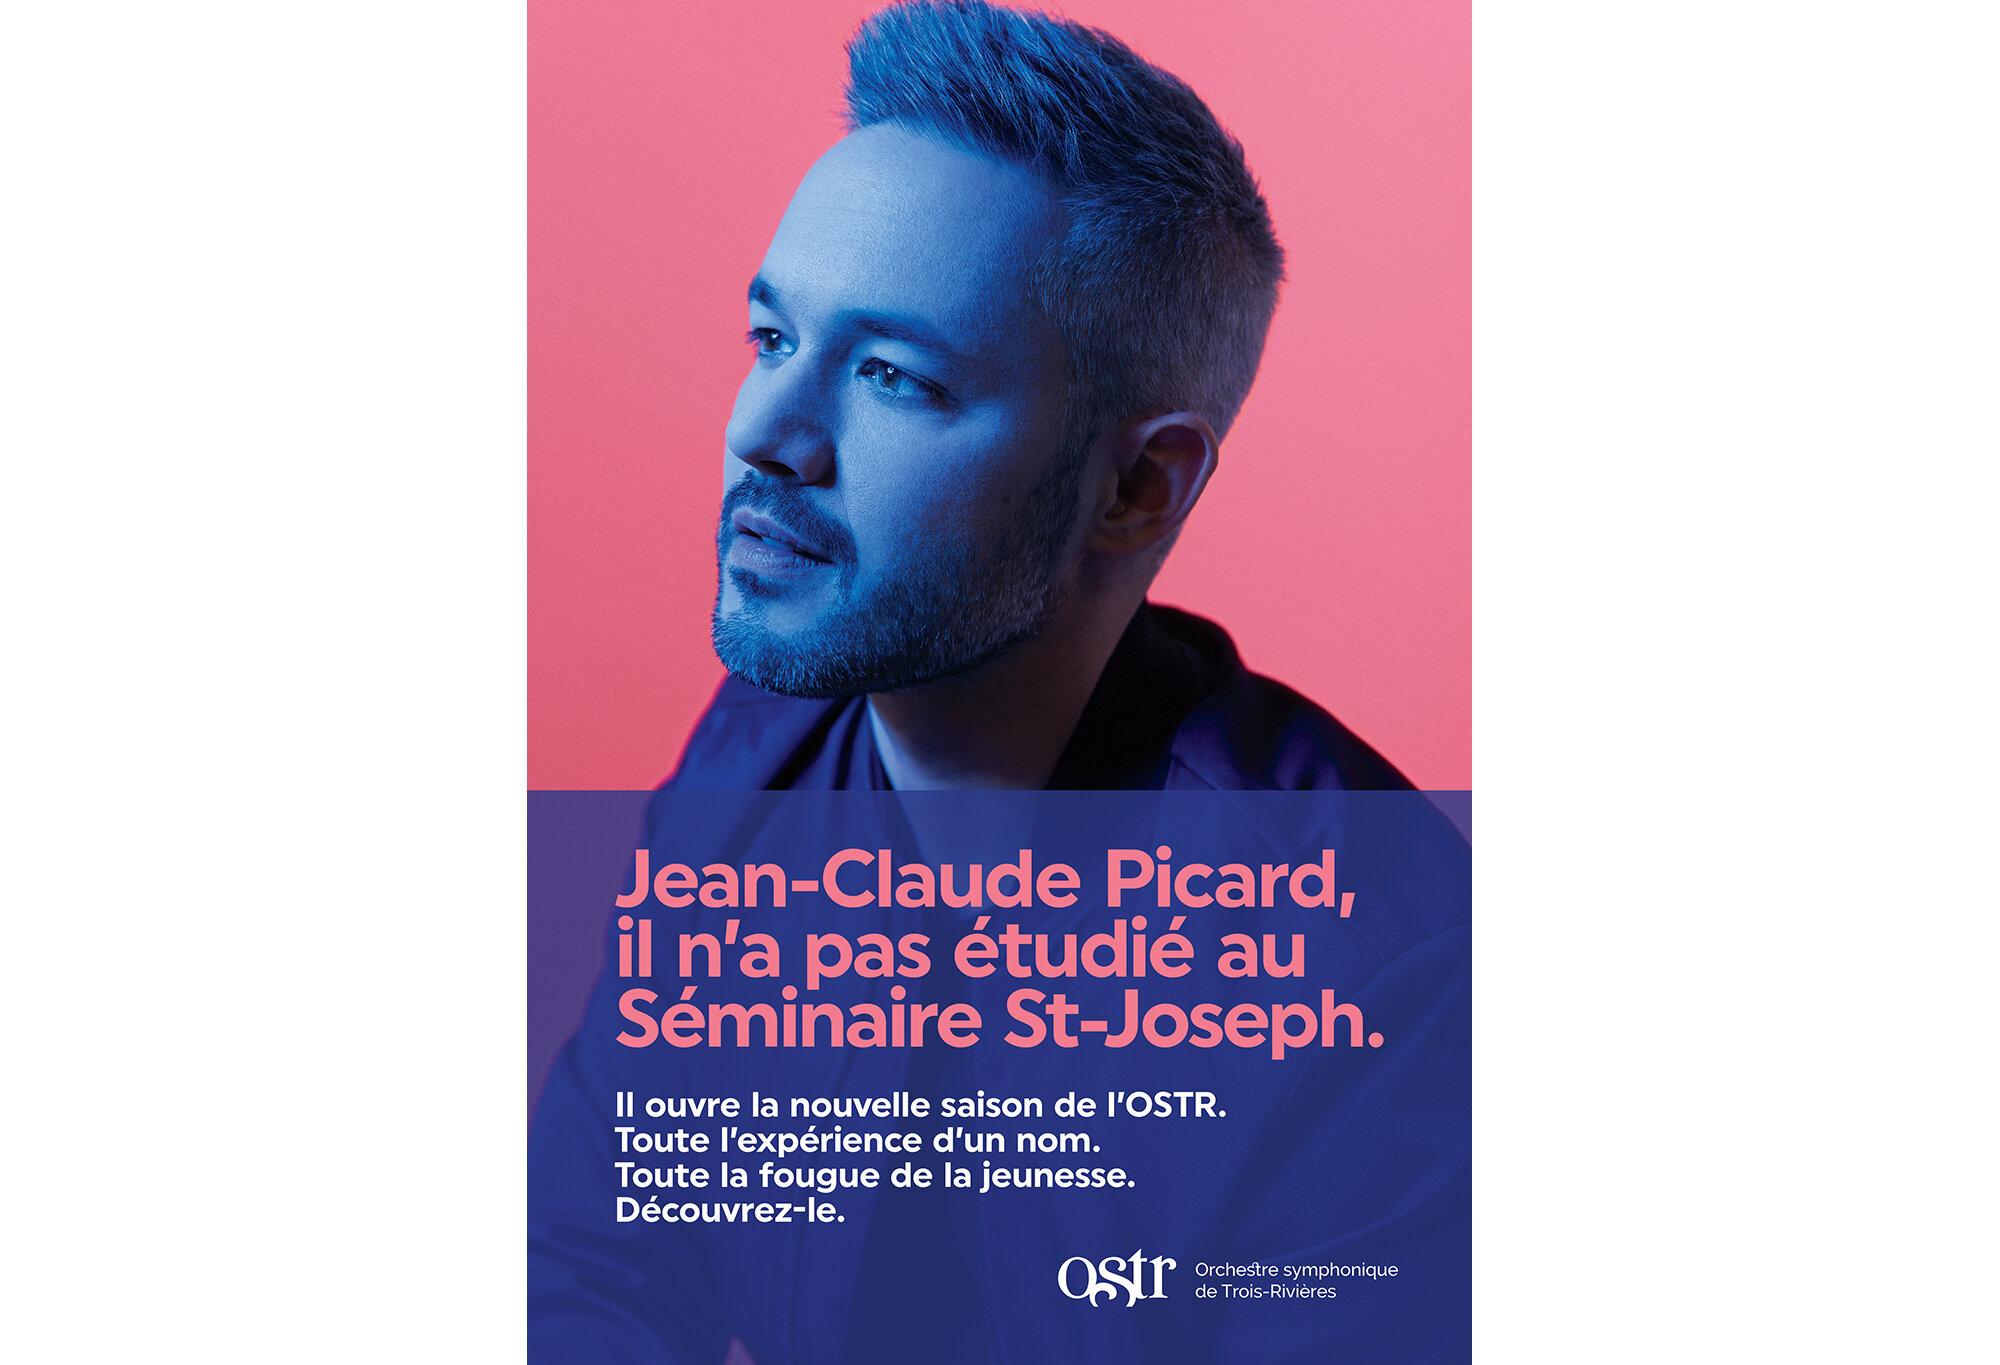 Upperkut - OSTR - Jean-Claude Picard